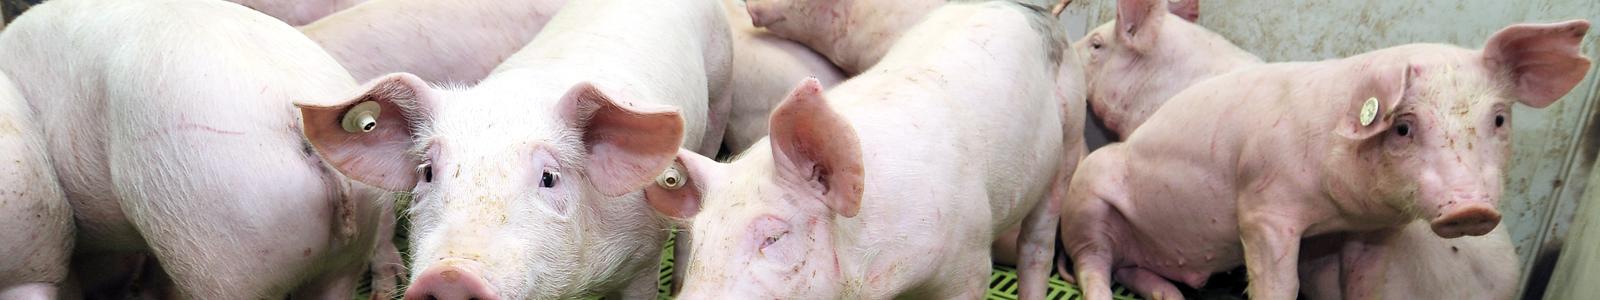 schweine wartestall mit kastenstand